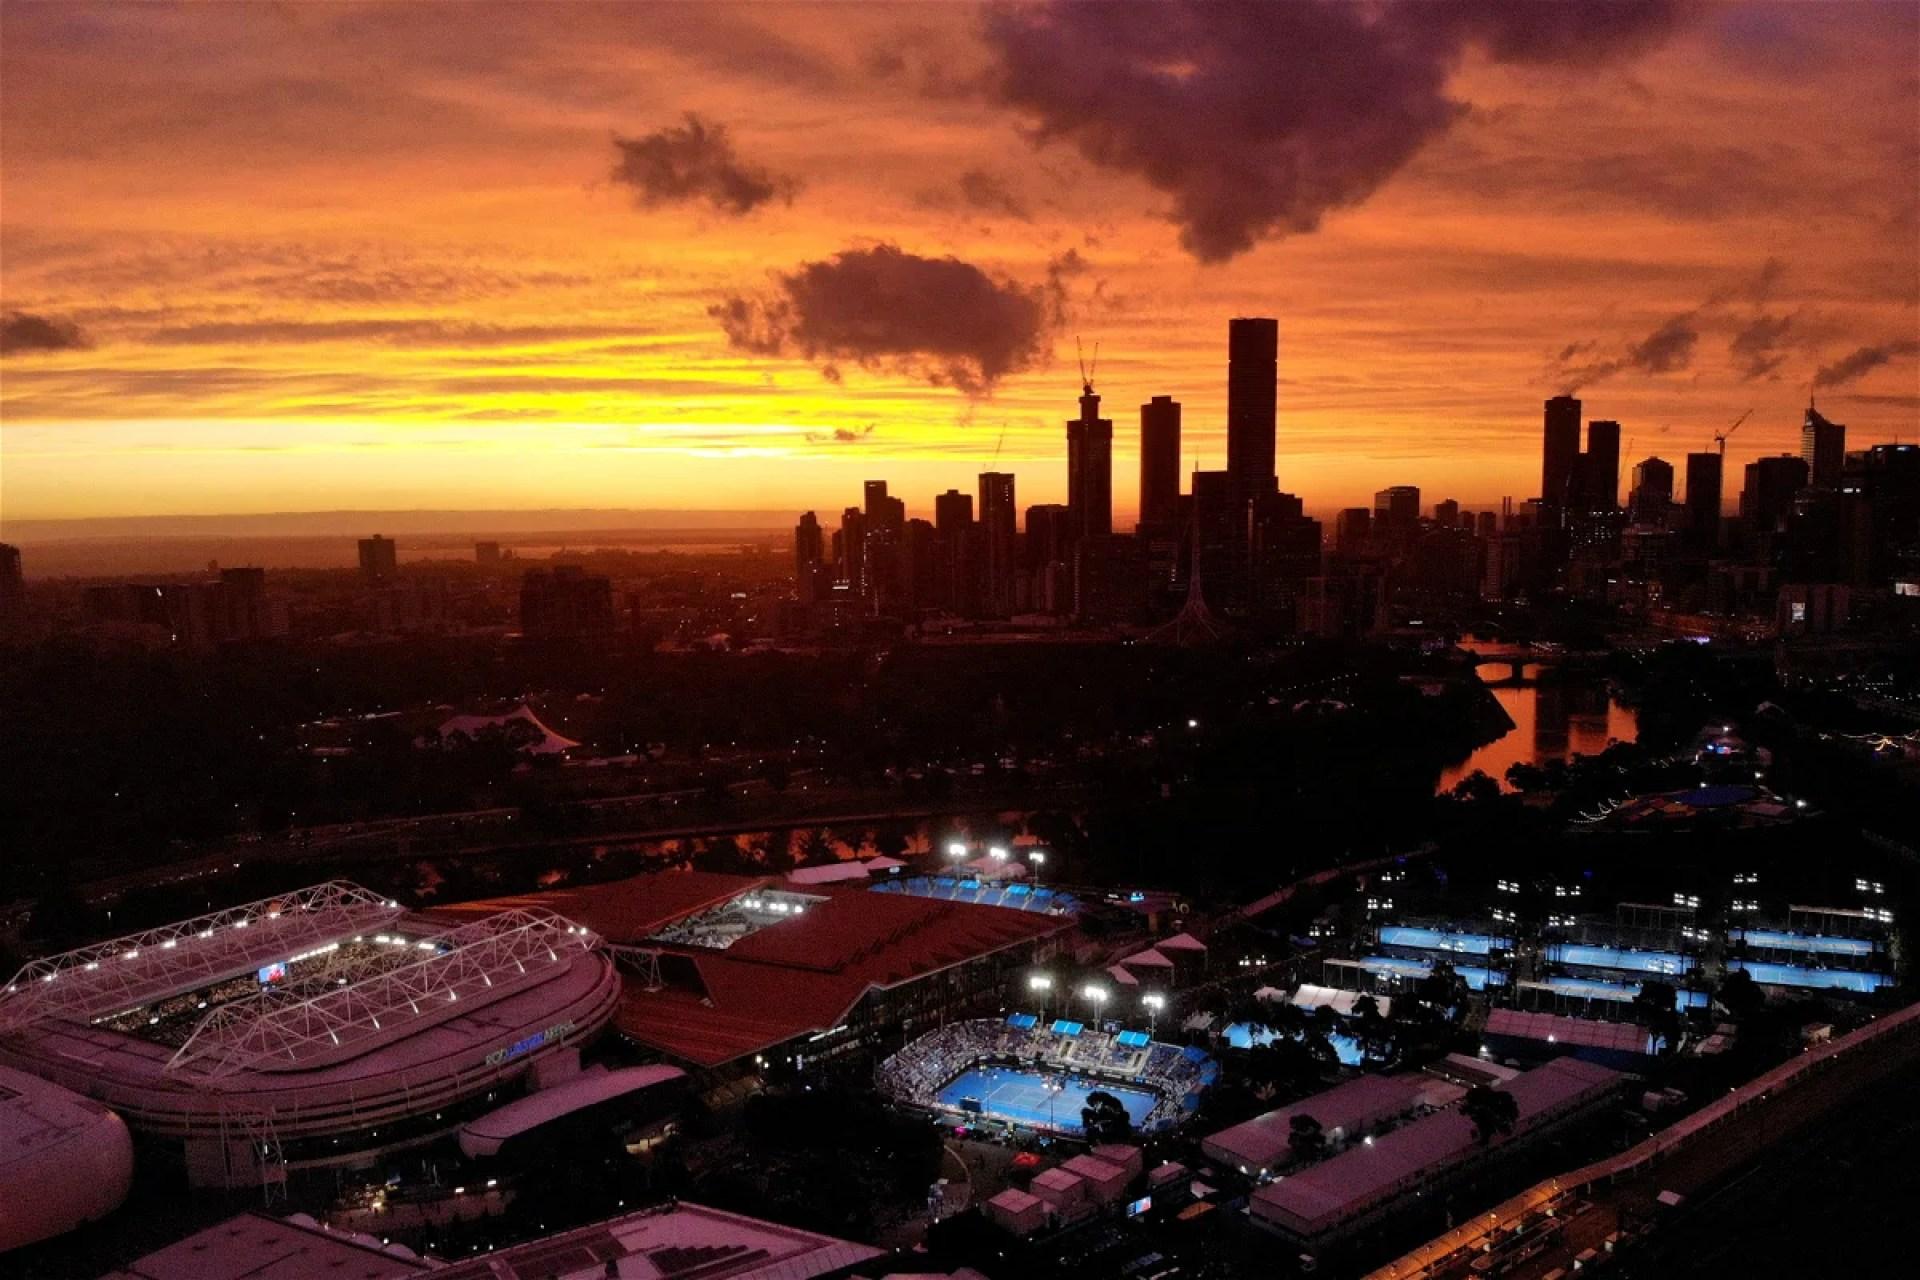 Melbourne Park - Australian Open